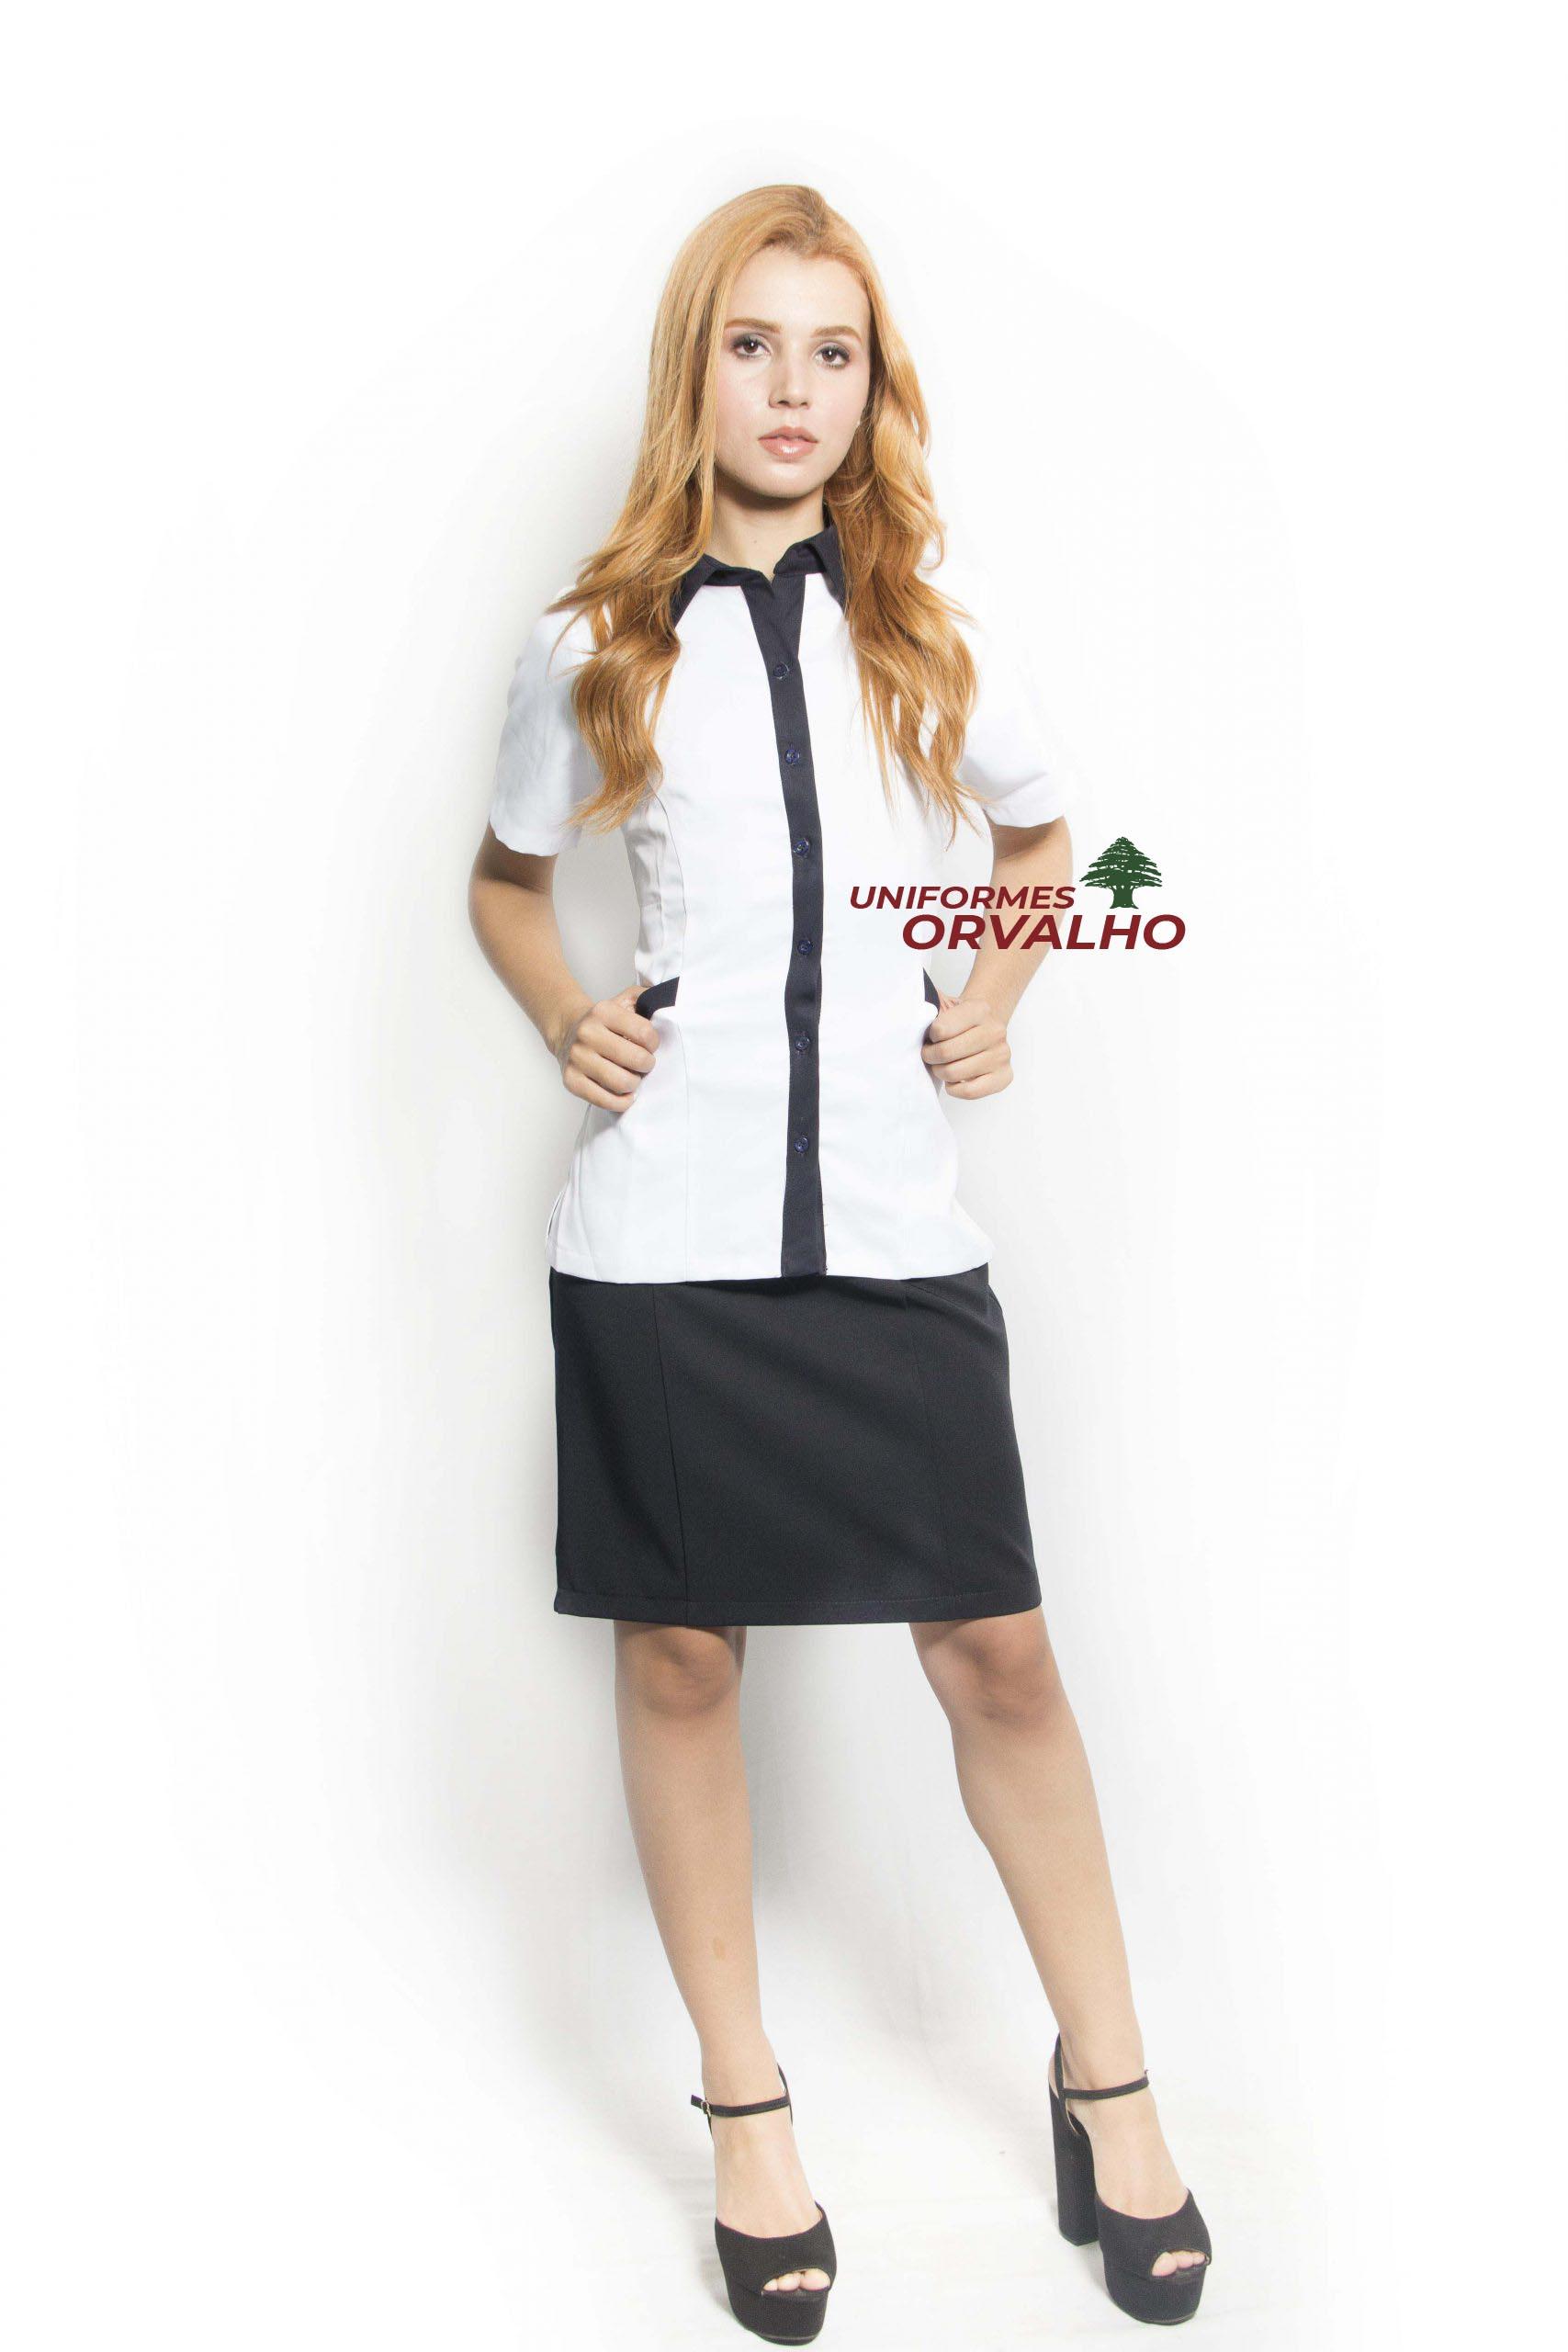 Camisa social feminina com bolso na cor branca com detalhe azul marinho